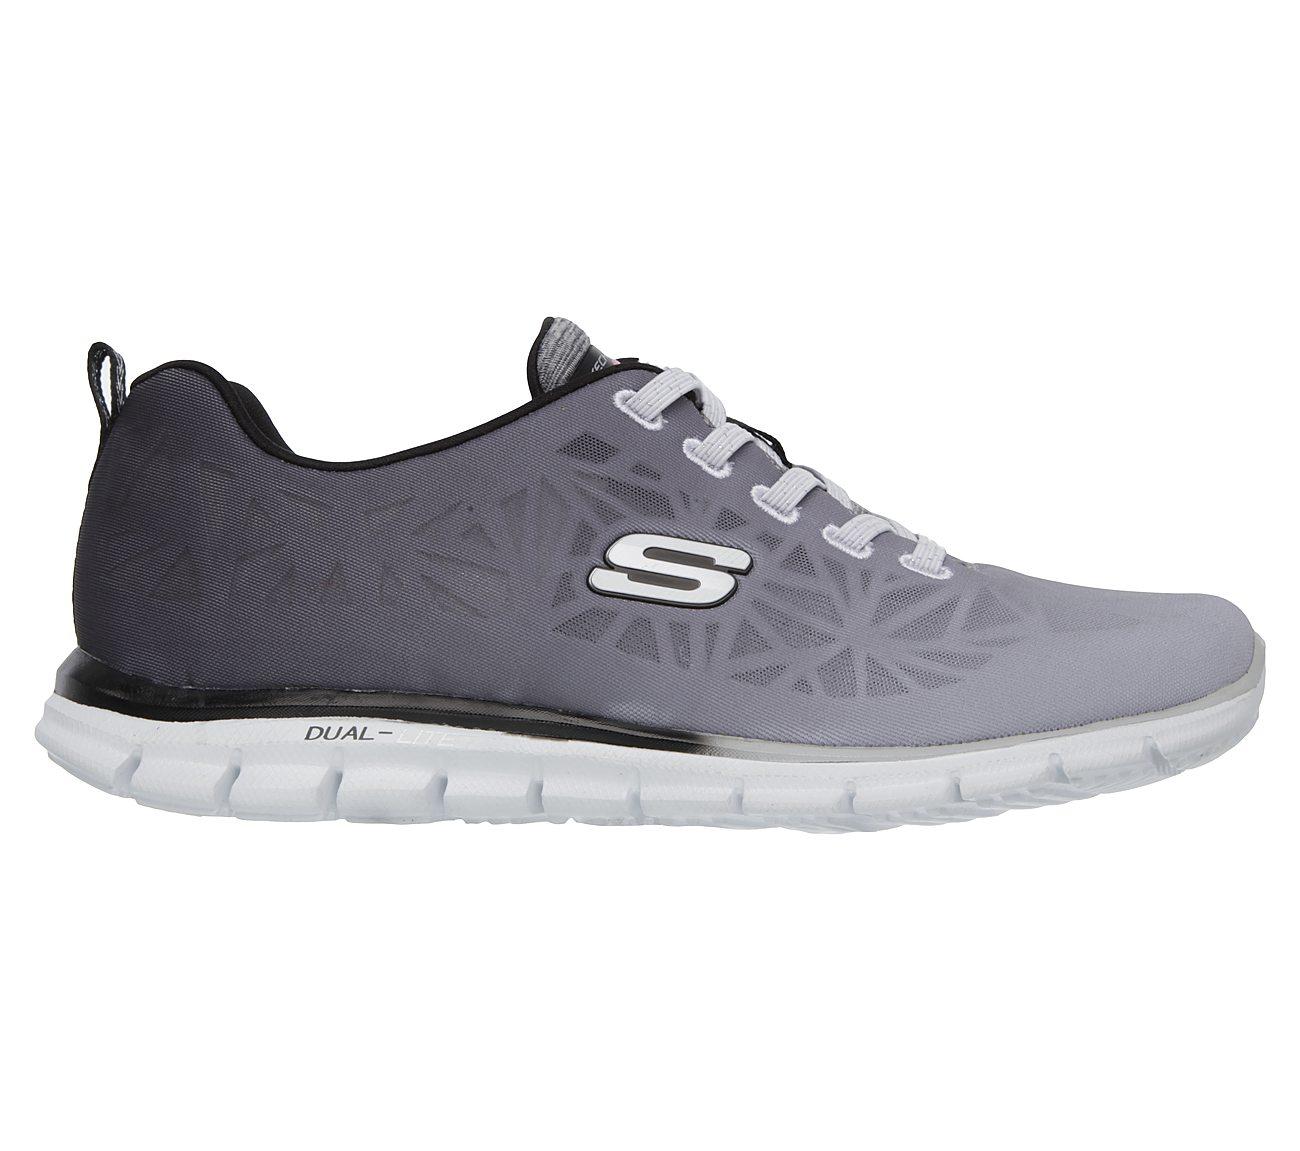 NEU SKECHERS Damen Sneakers Turnschuh Memory Foam GLIDER